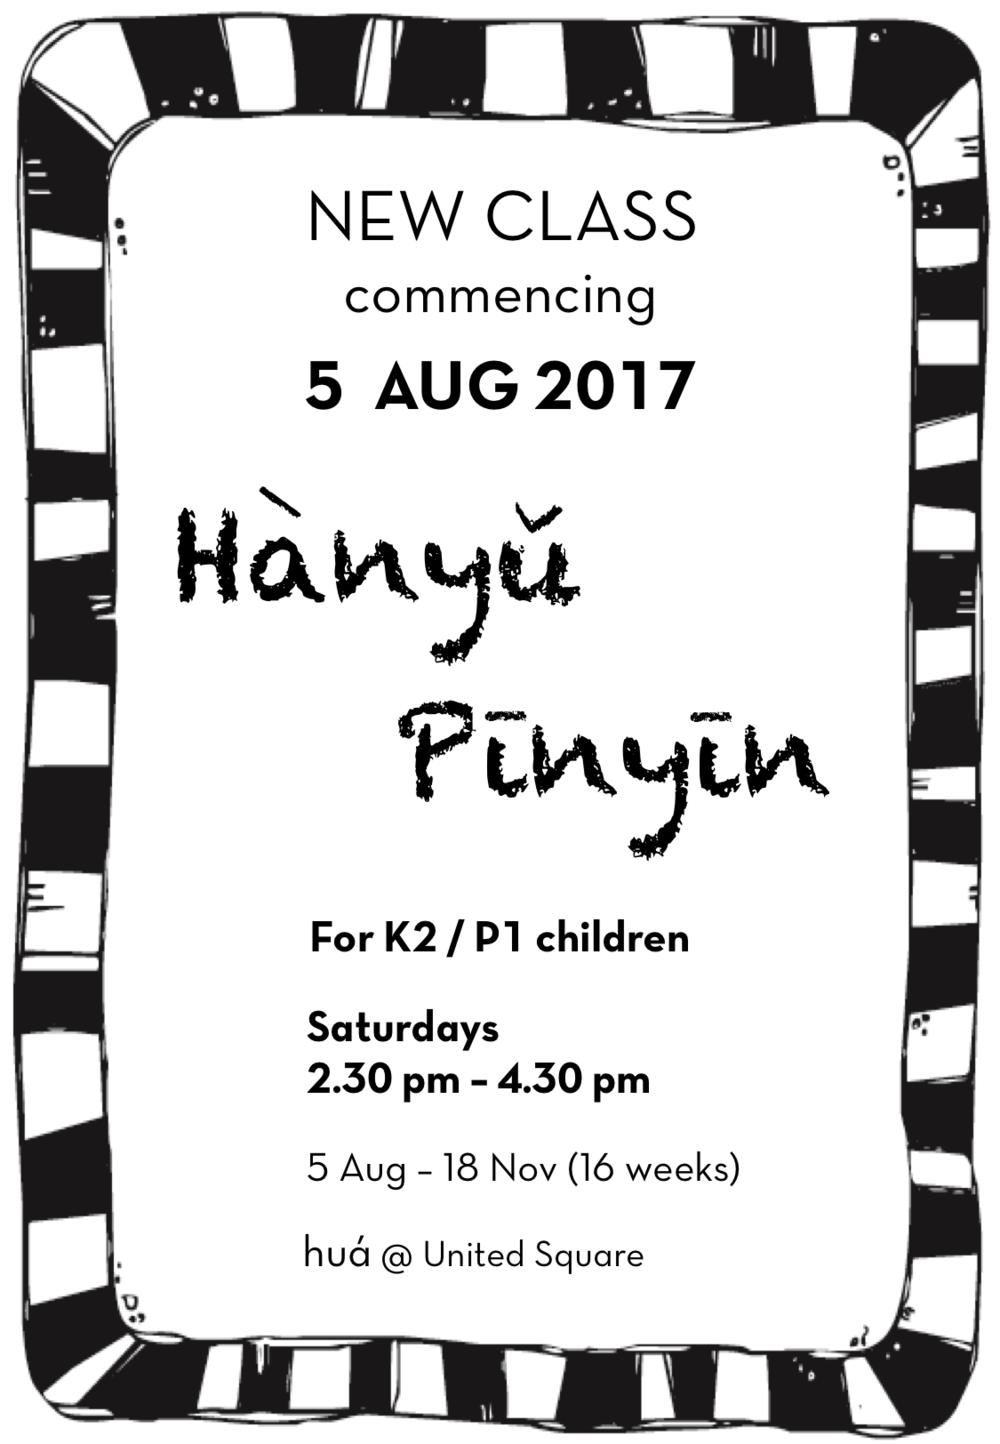 Hua_Language_Hanyu_Pinyin_K2_P1.png